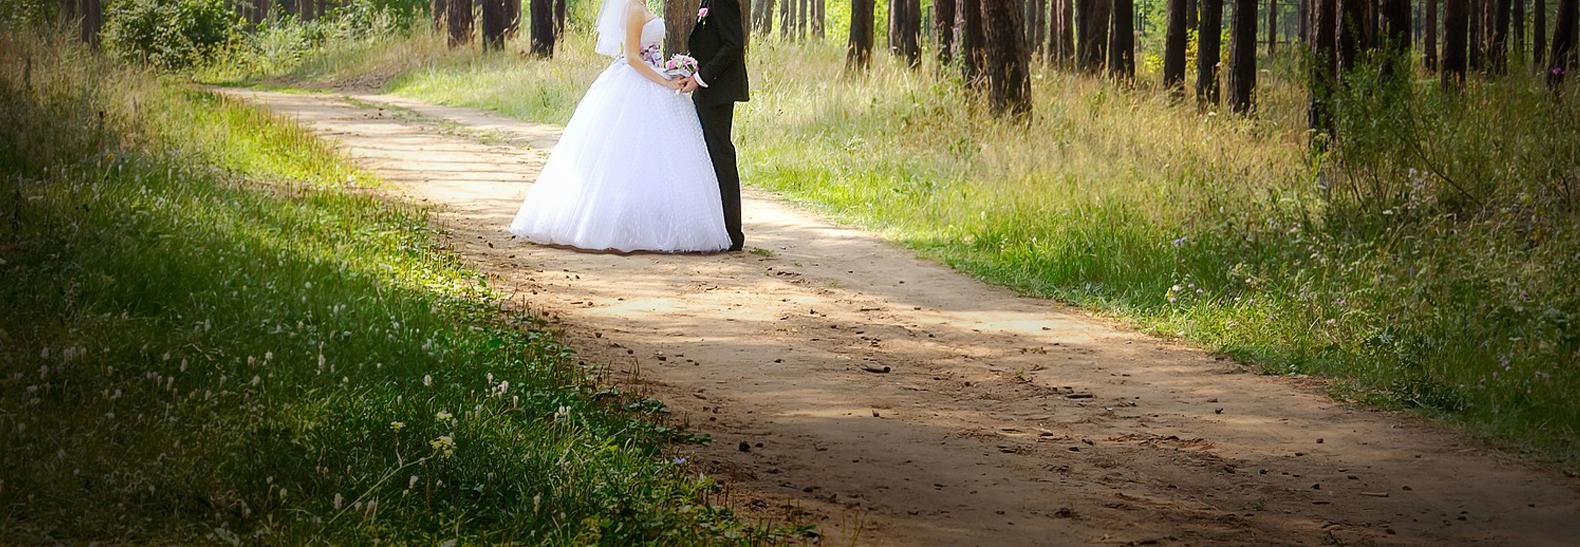 come-vestirsi-ad-un-matrimonio-estivo